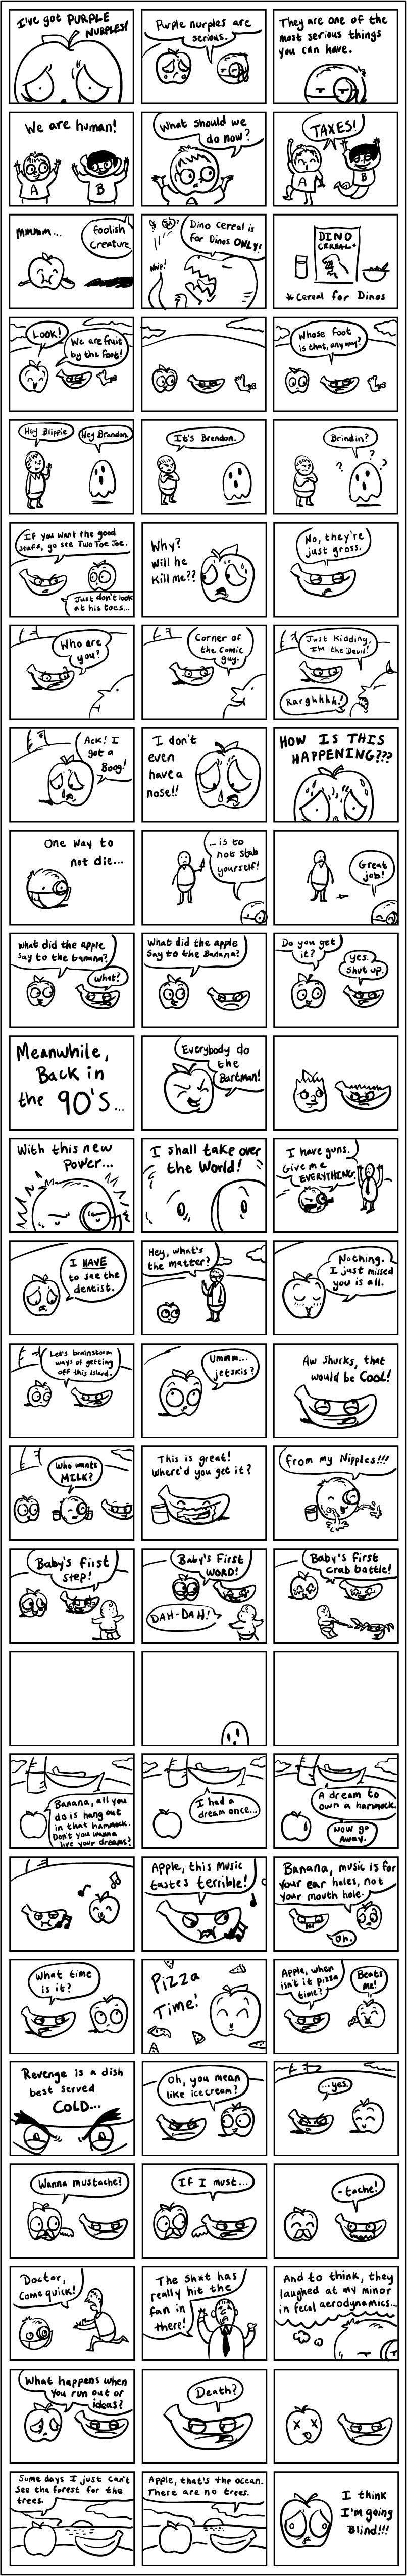 100 Bad Comics 51 To 75